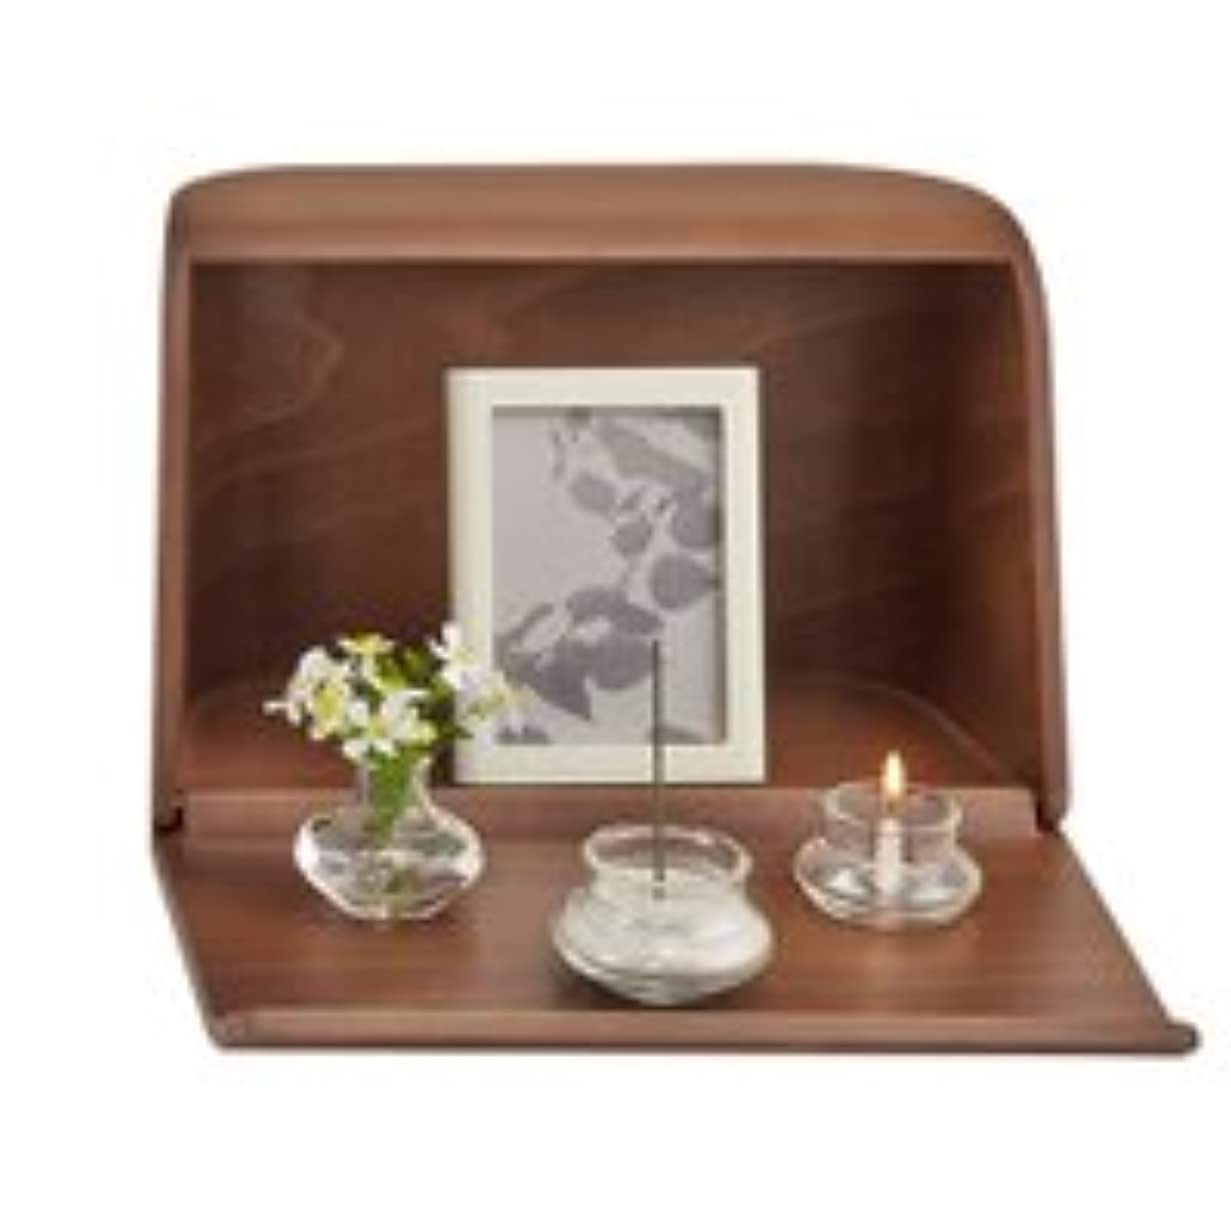 玉用心する低いやさしい時間祈りの手箱ブラウン × 2個セット